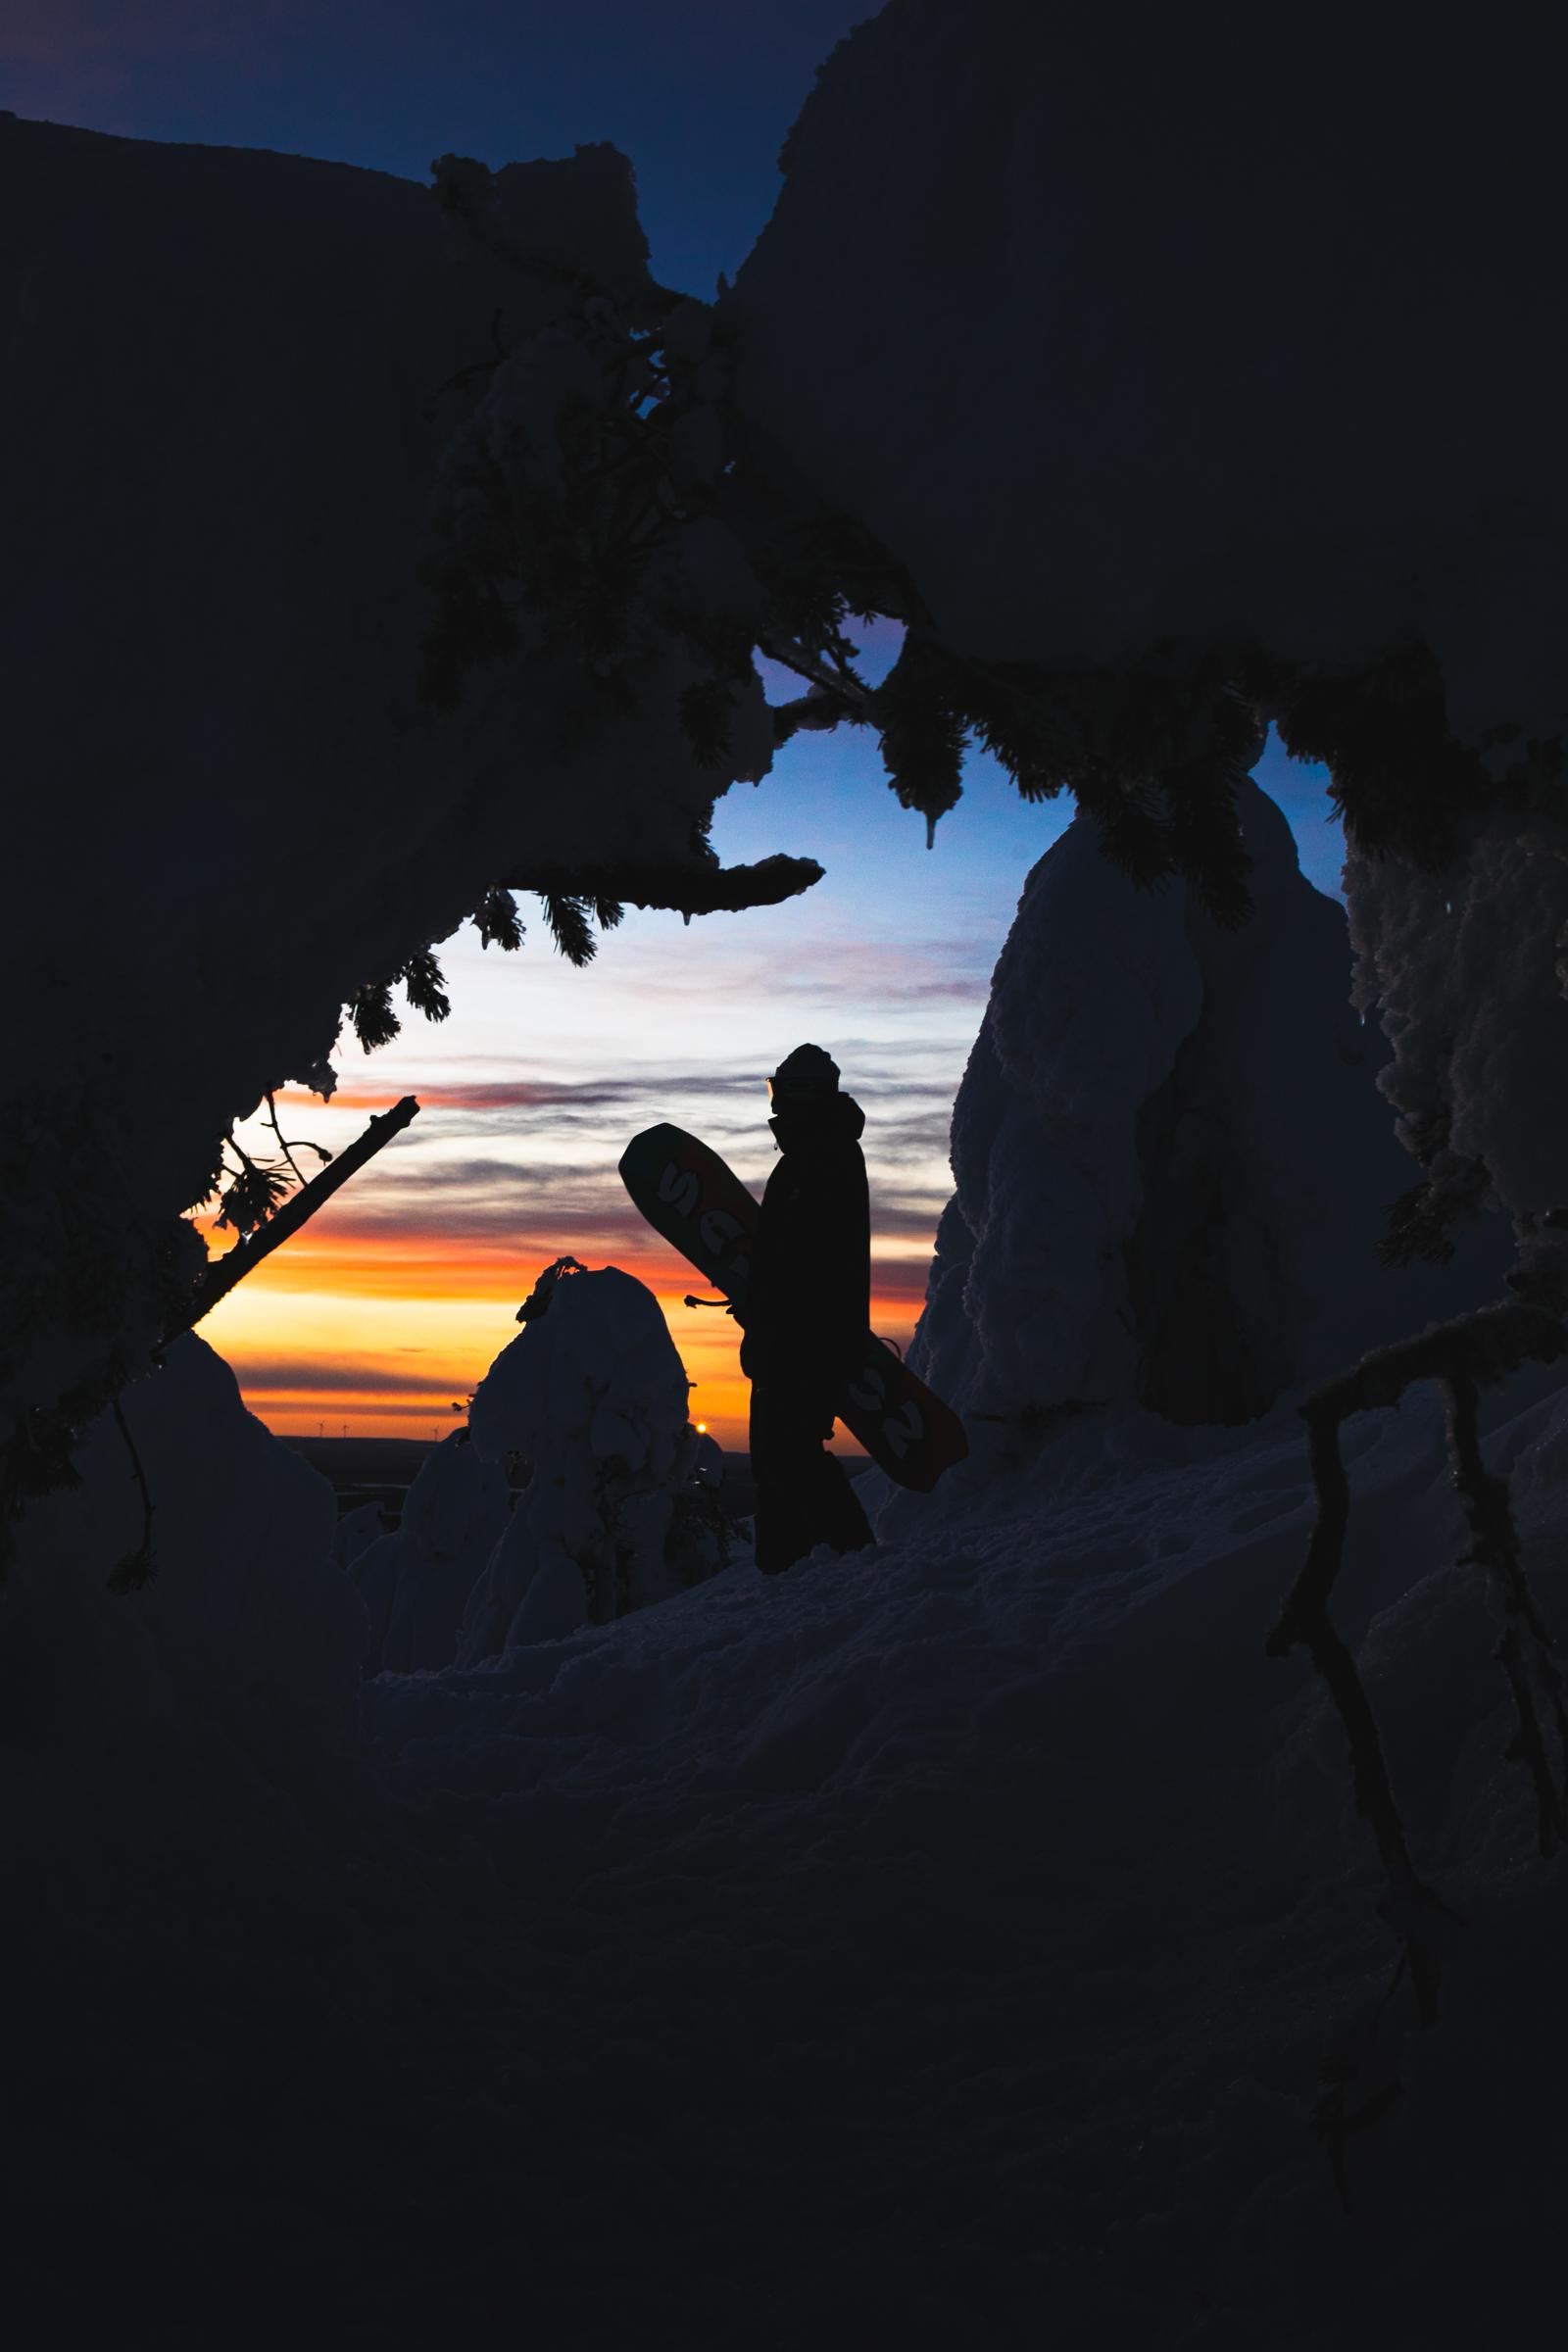 Vans Snowboarding Days - Ruka, Finland